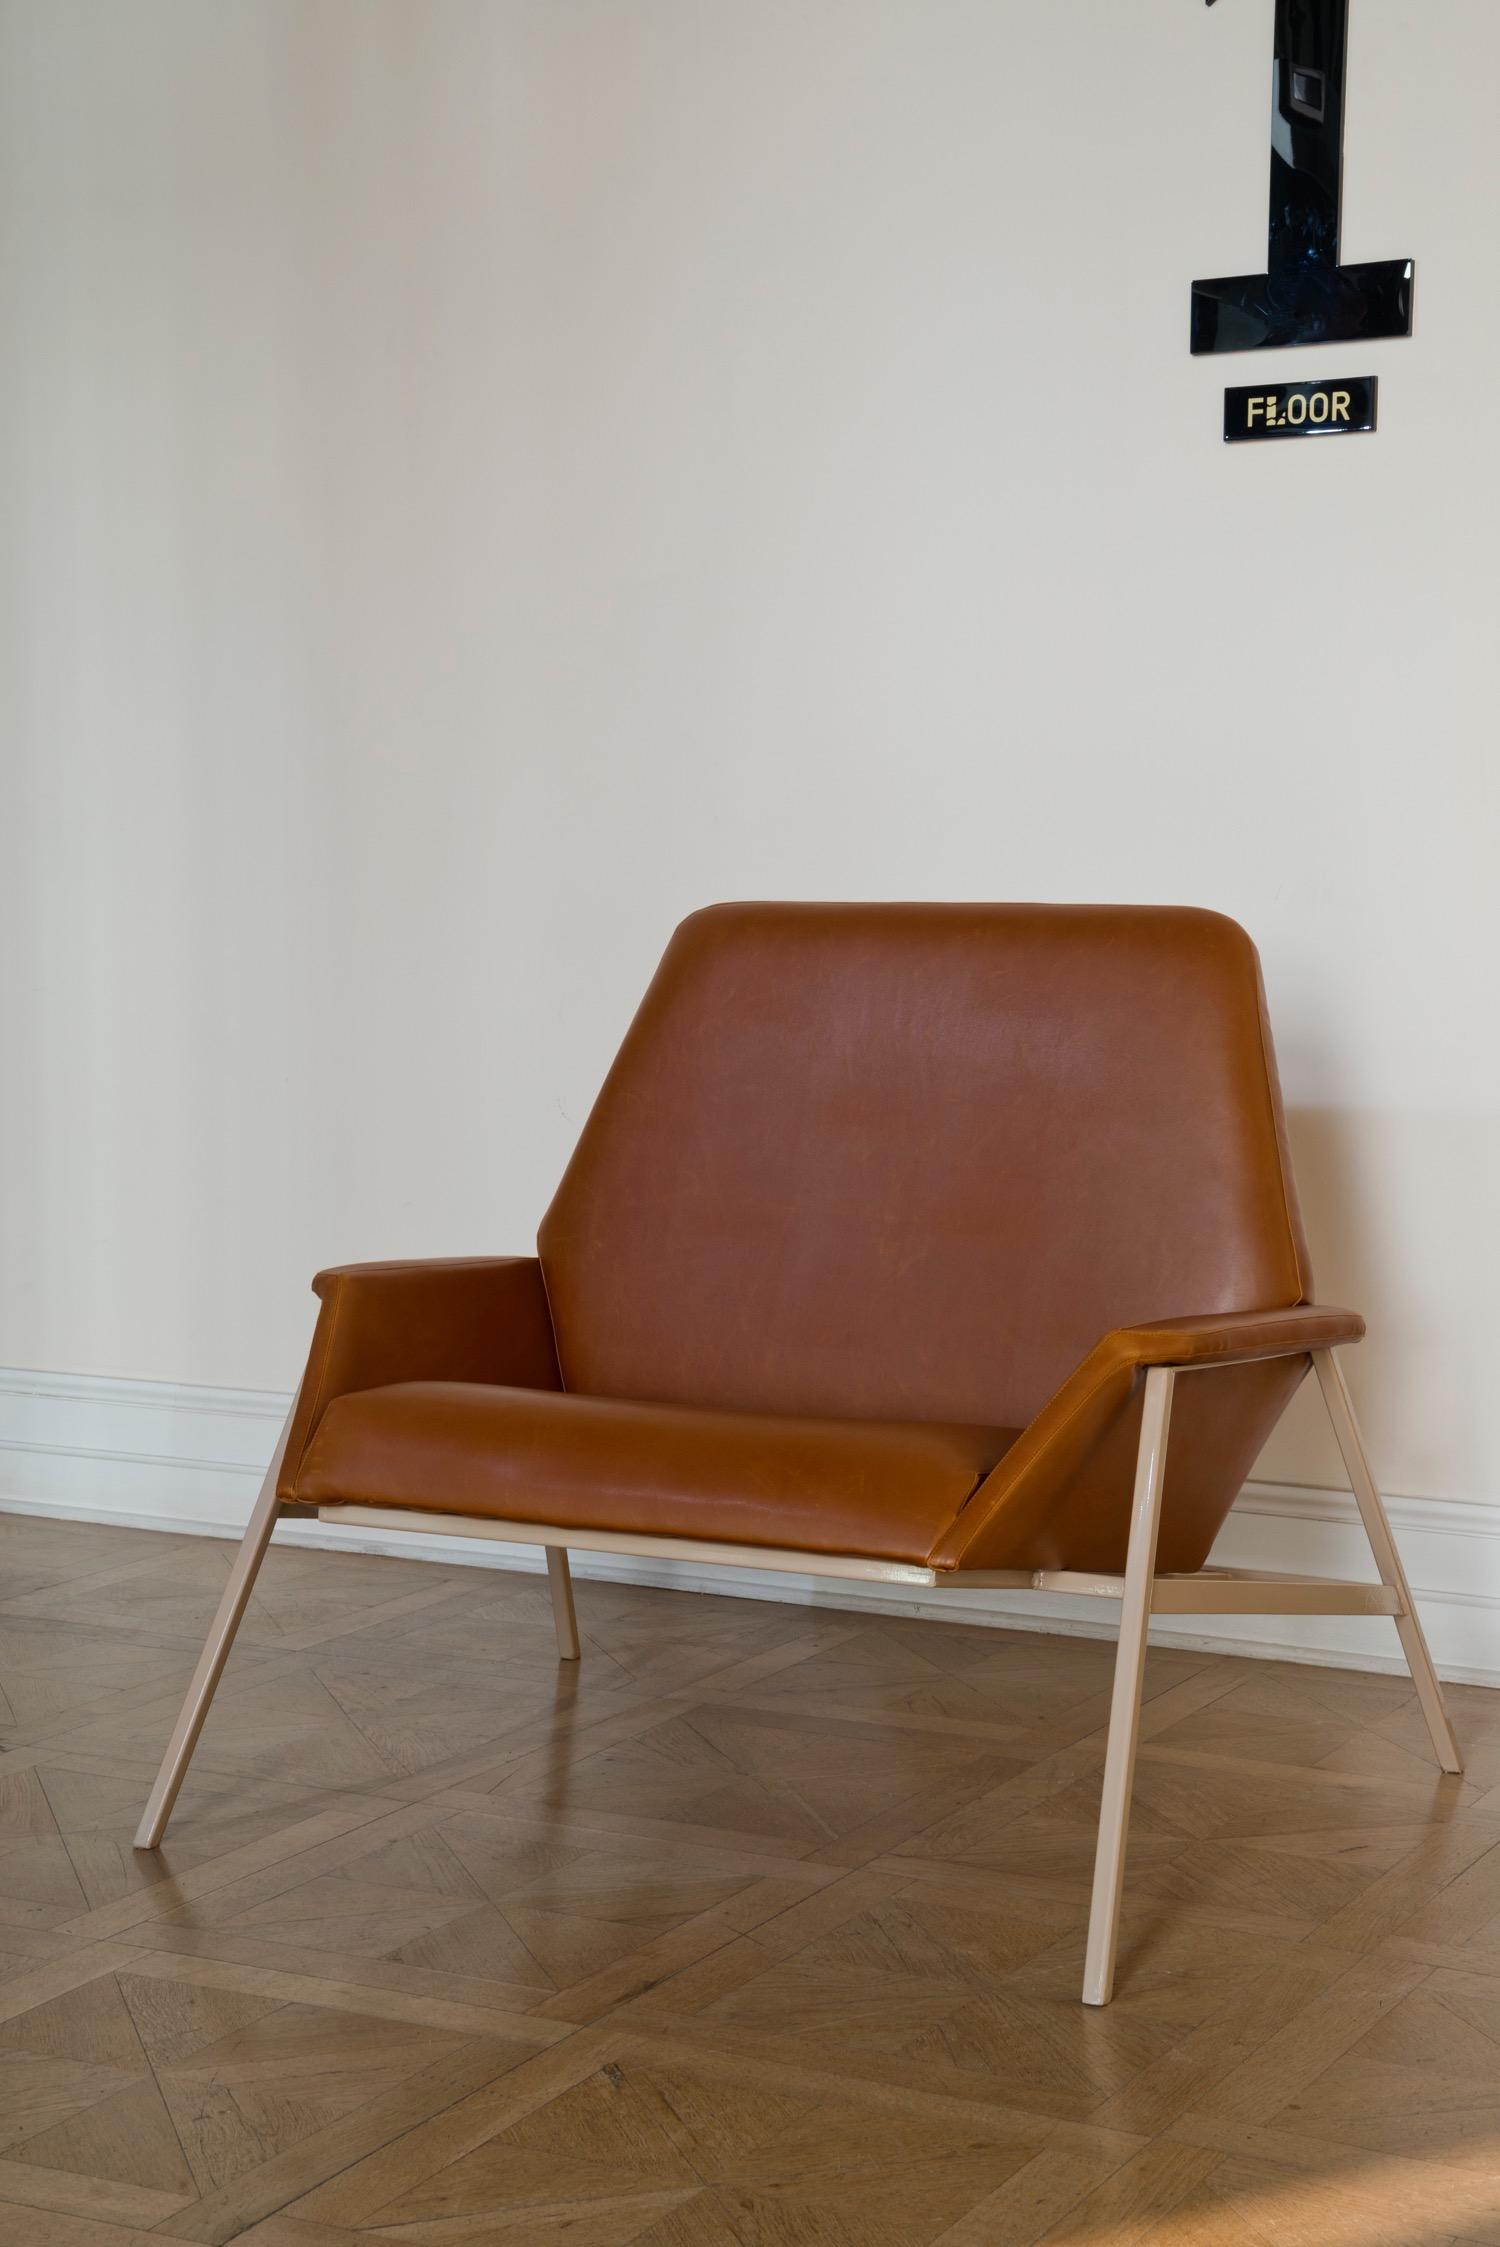 """Studio 900 Design, collezione Geometrico, """"Lara Armchair"""", poltrona in eco-pelle (foto: Erhan Tarlig - courtesy Studio 900 Design)"""